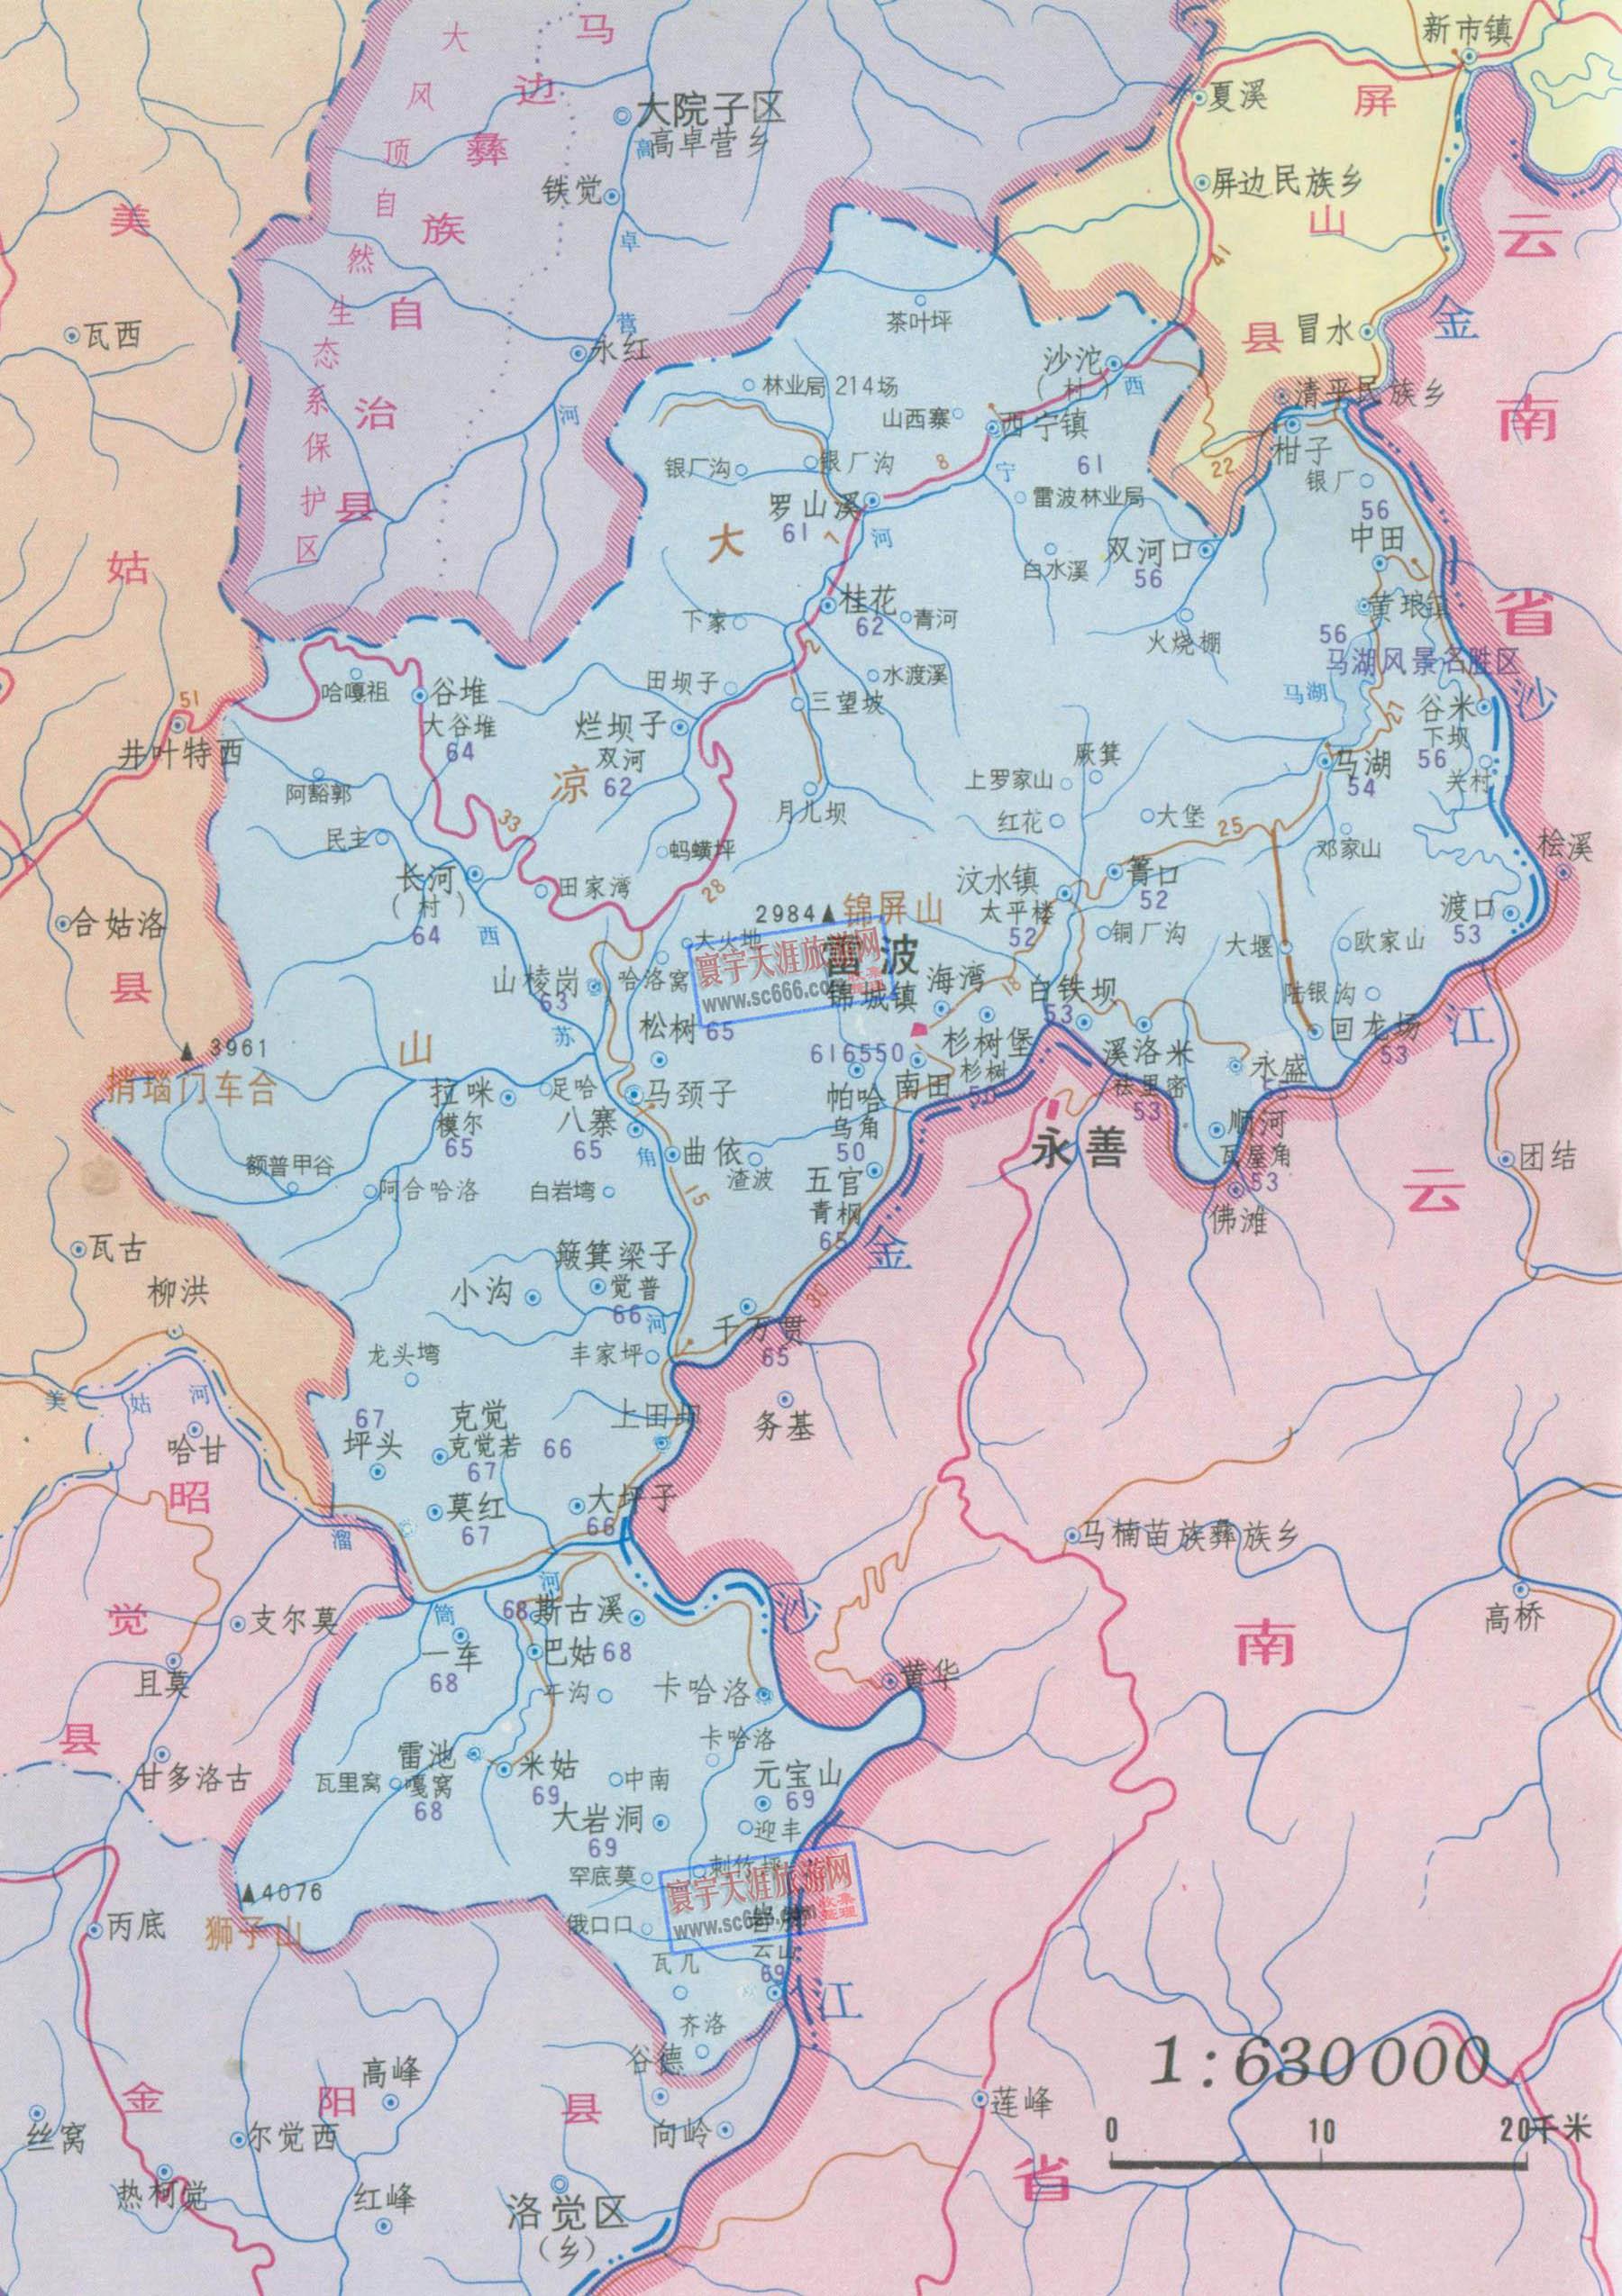 怀化鹤城区地图全图